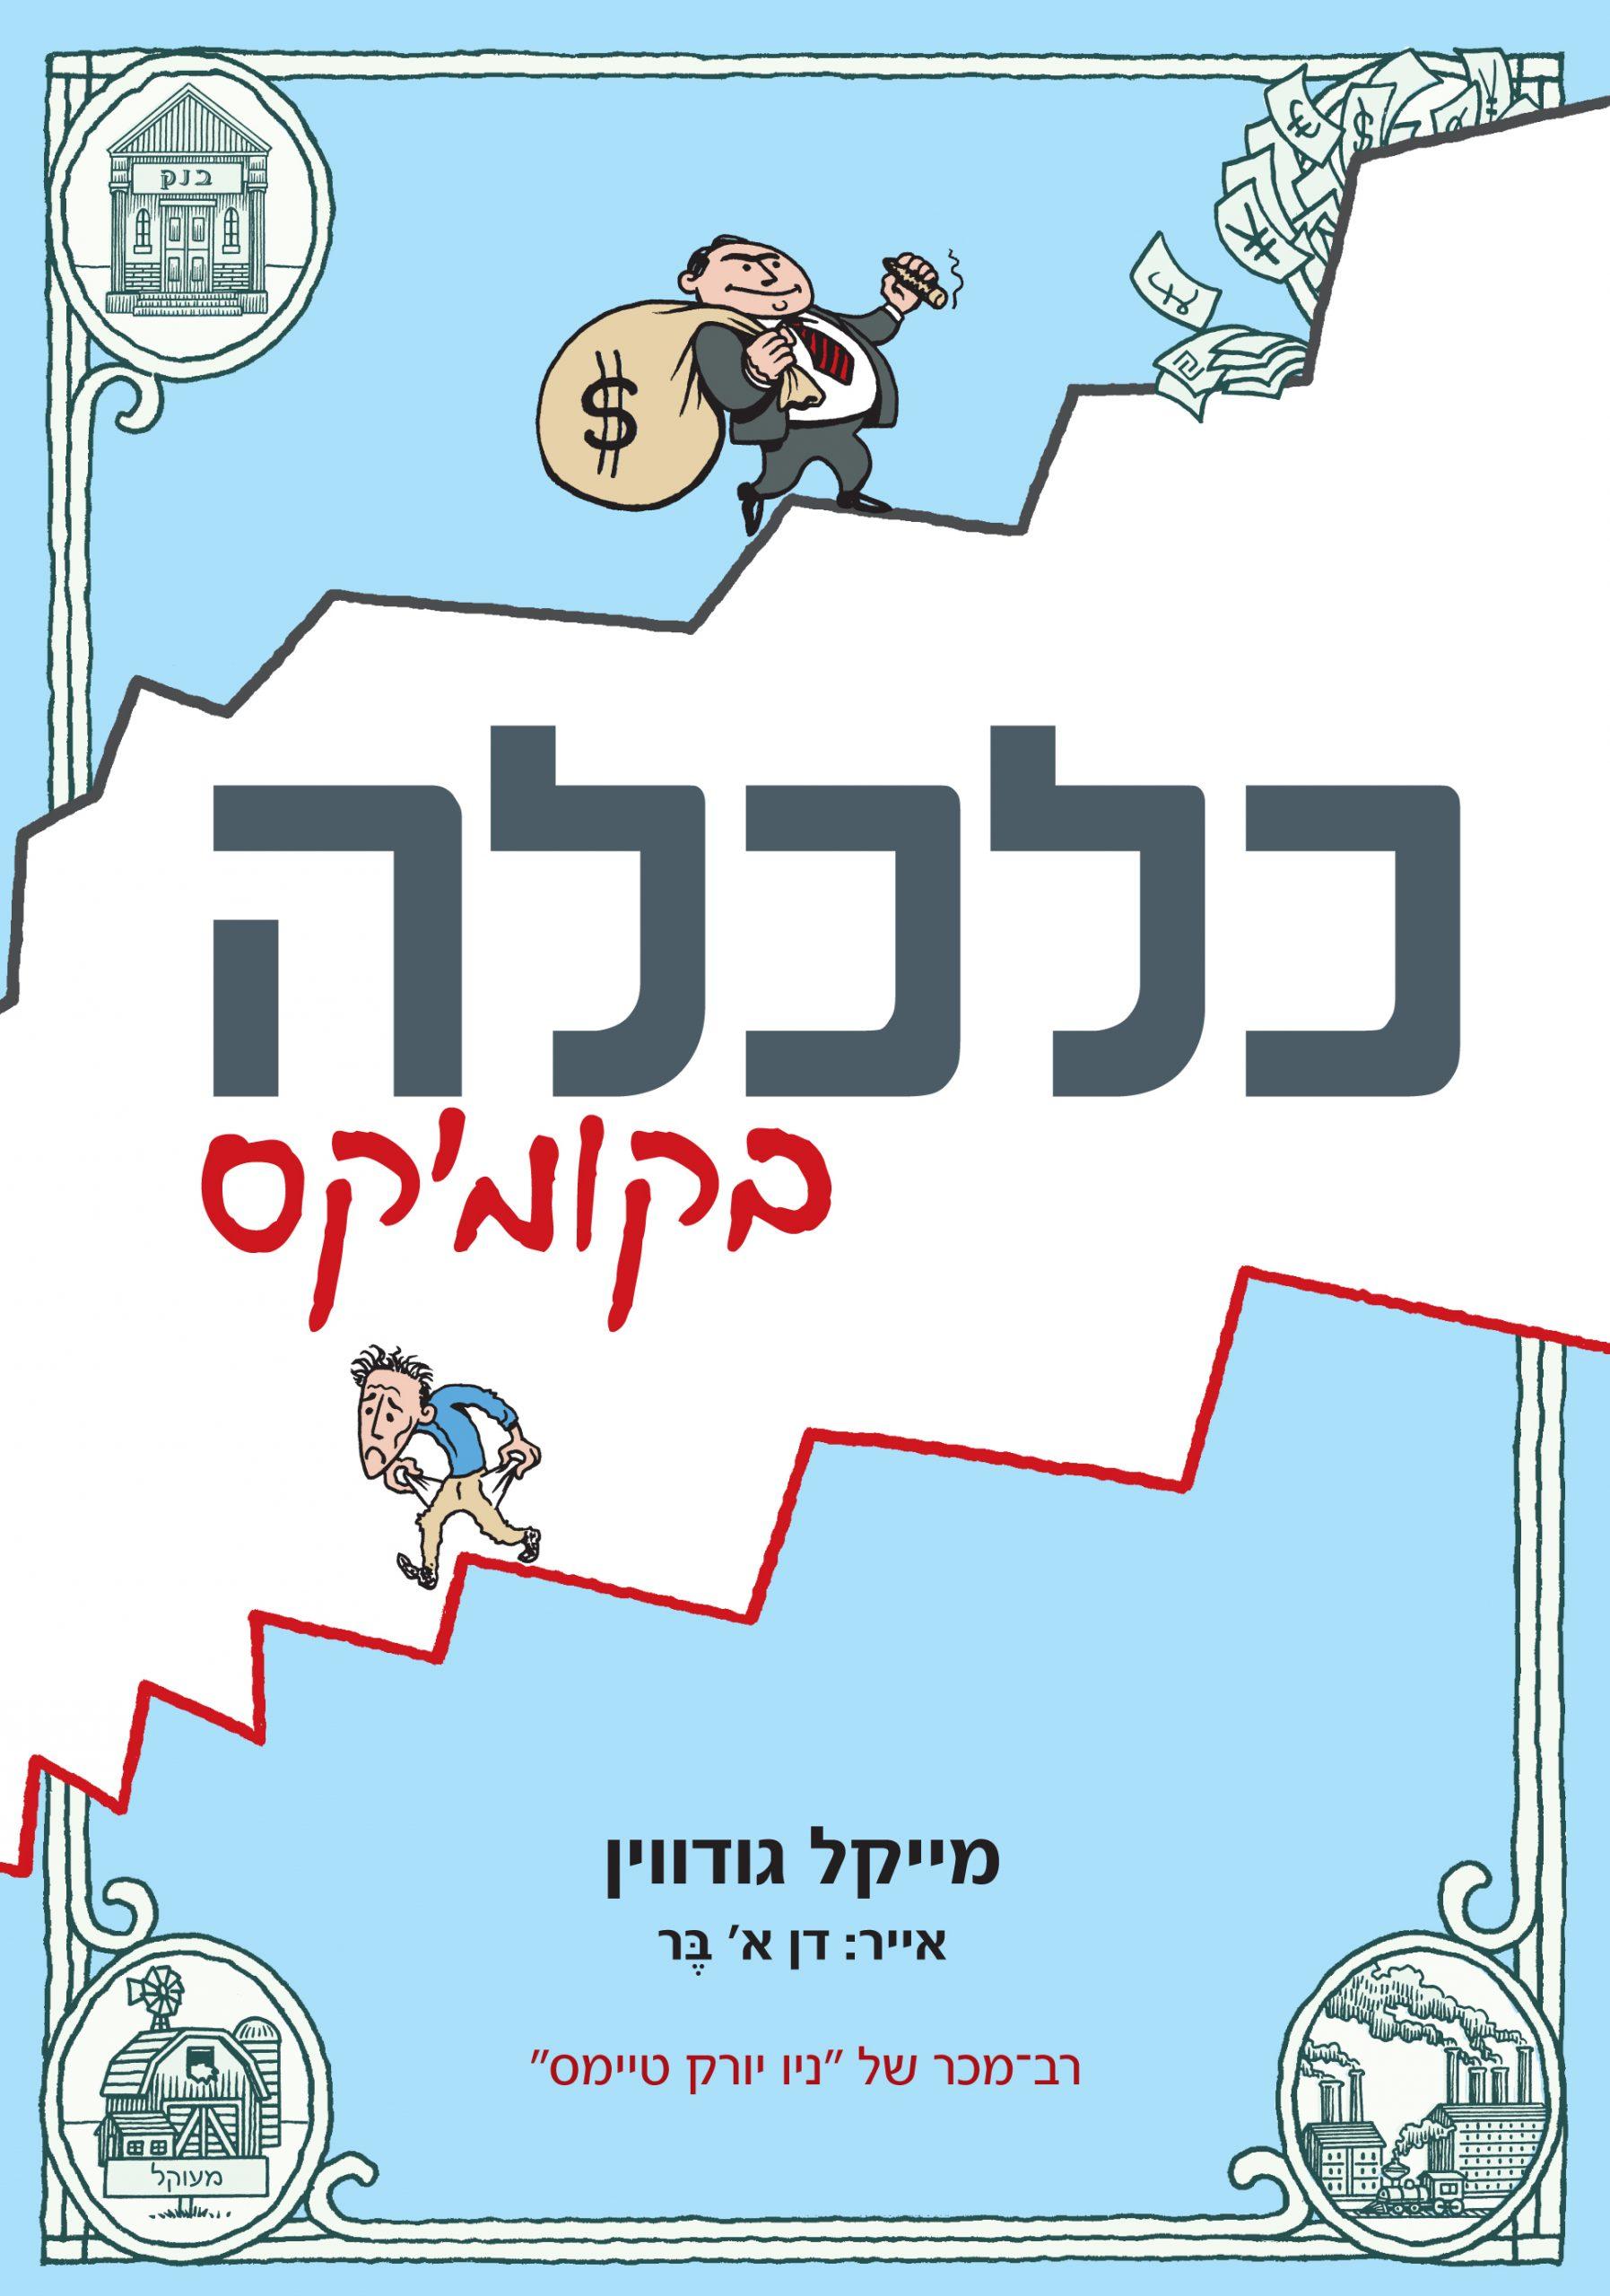 כלכלה בקומיקס / מייקל גודווין